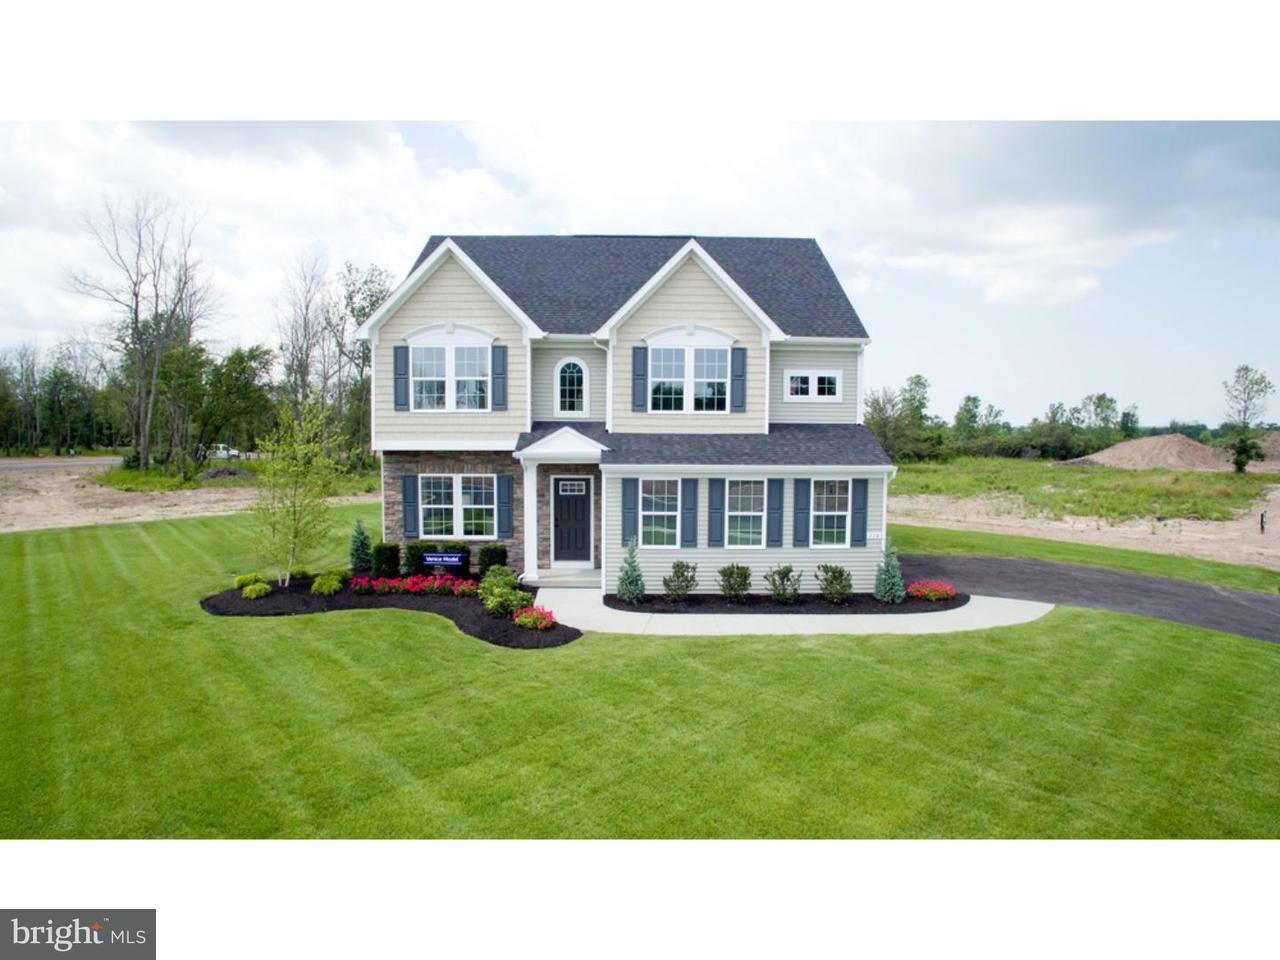 Частный односемейный дом для того Продажа на 1601 RONAN WAY Romansville, Пенсильвания 19320 Соединенные Штаты